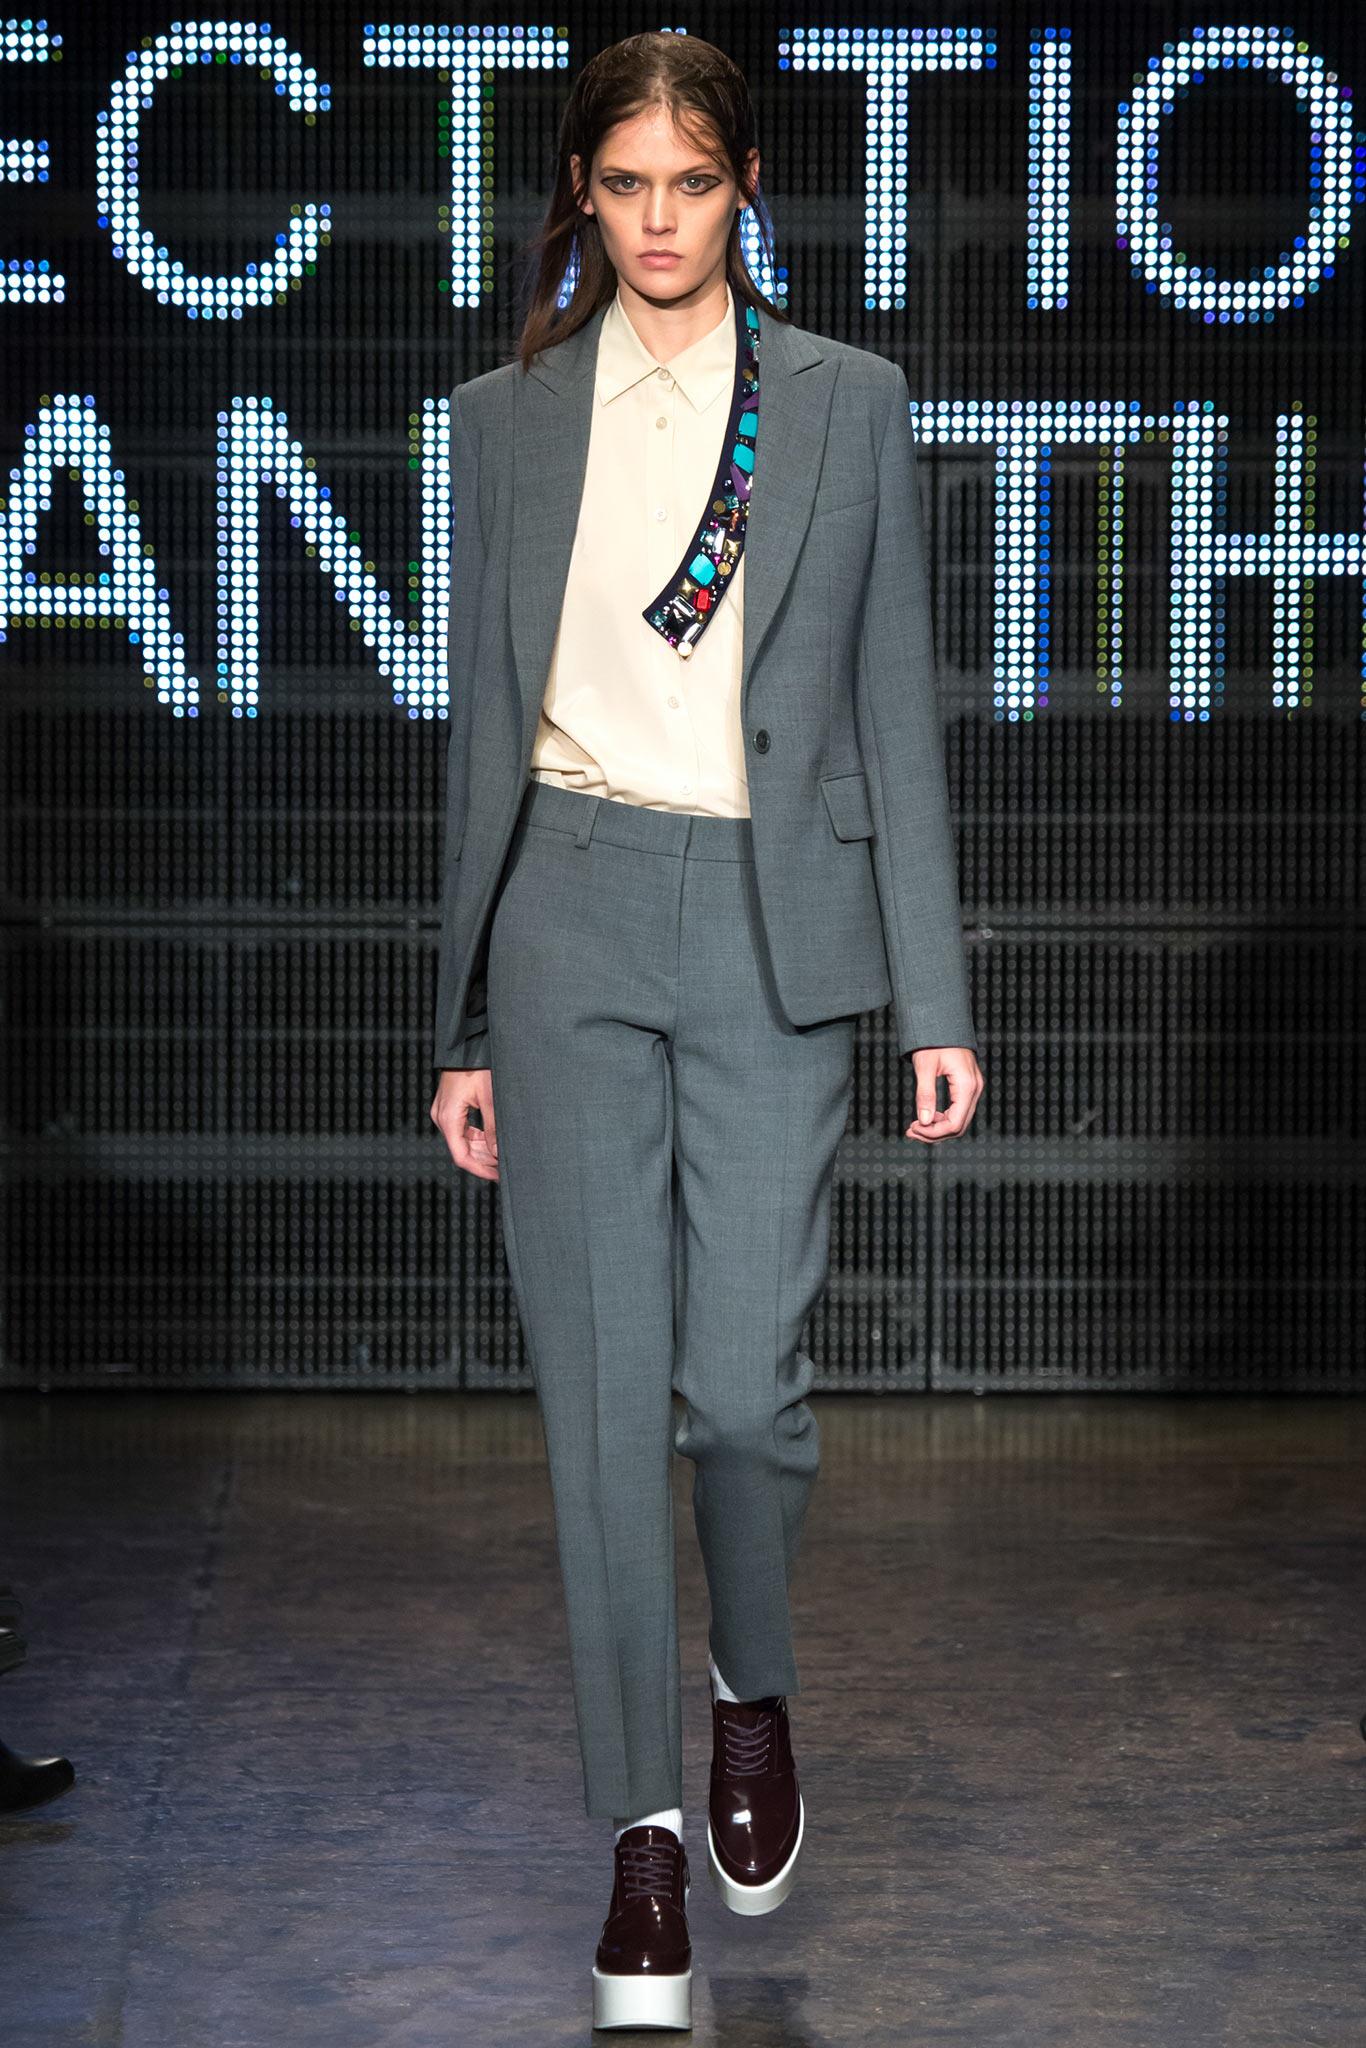 DKNY Ready to Wear FW 2015 NYFW